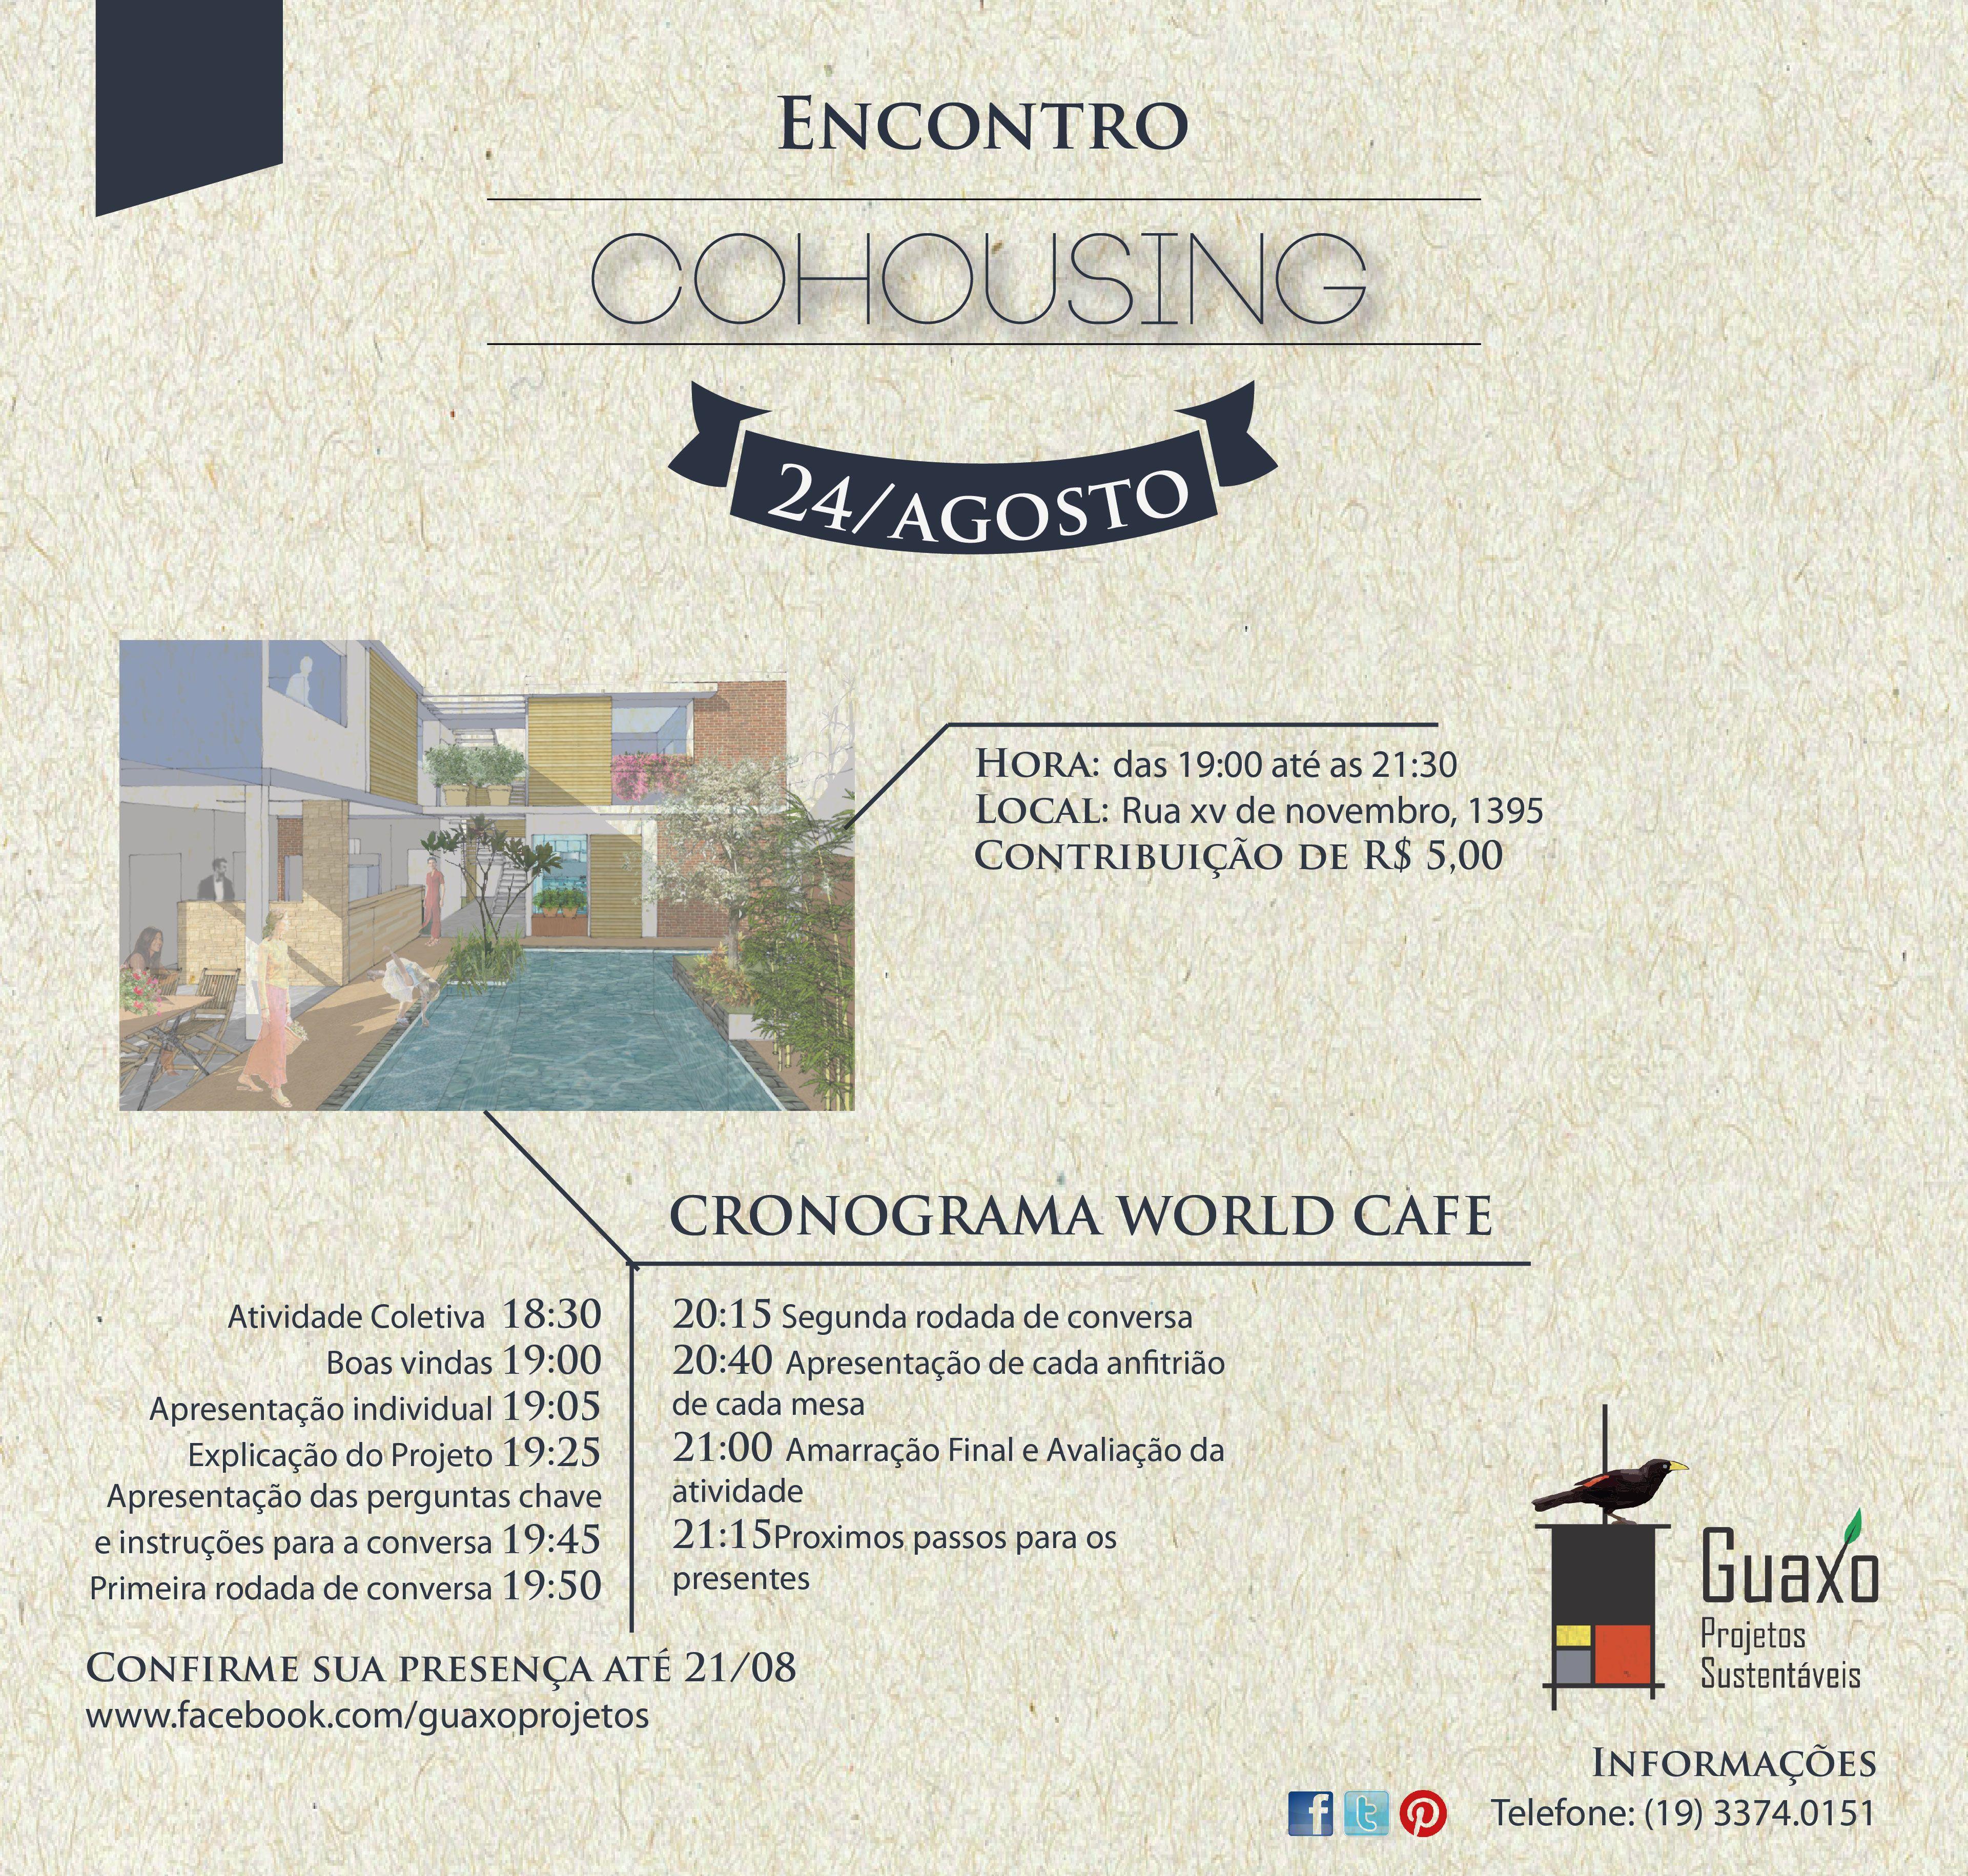 Primeiro encontro Cohousing em Piracicaba dia 24 de agosto as 18 30h, mais detalheshttp://www.facebook.com/events/372592082796281/